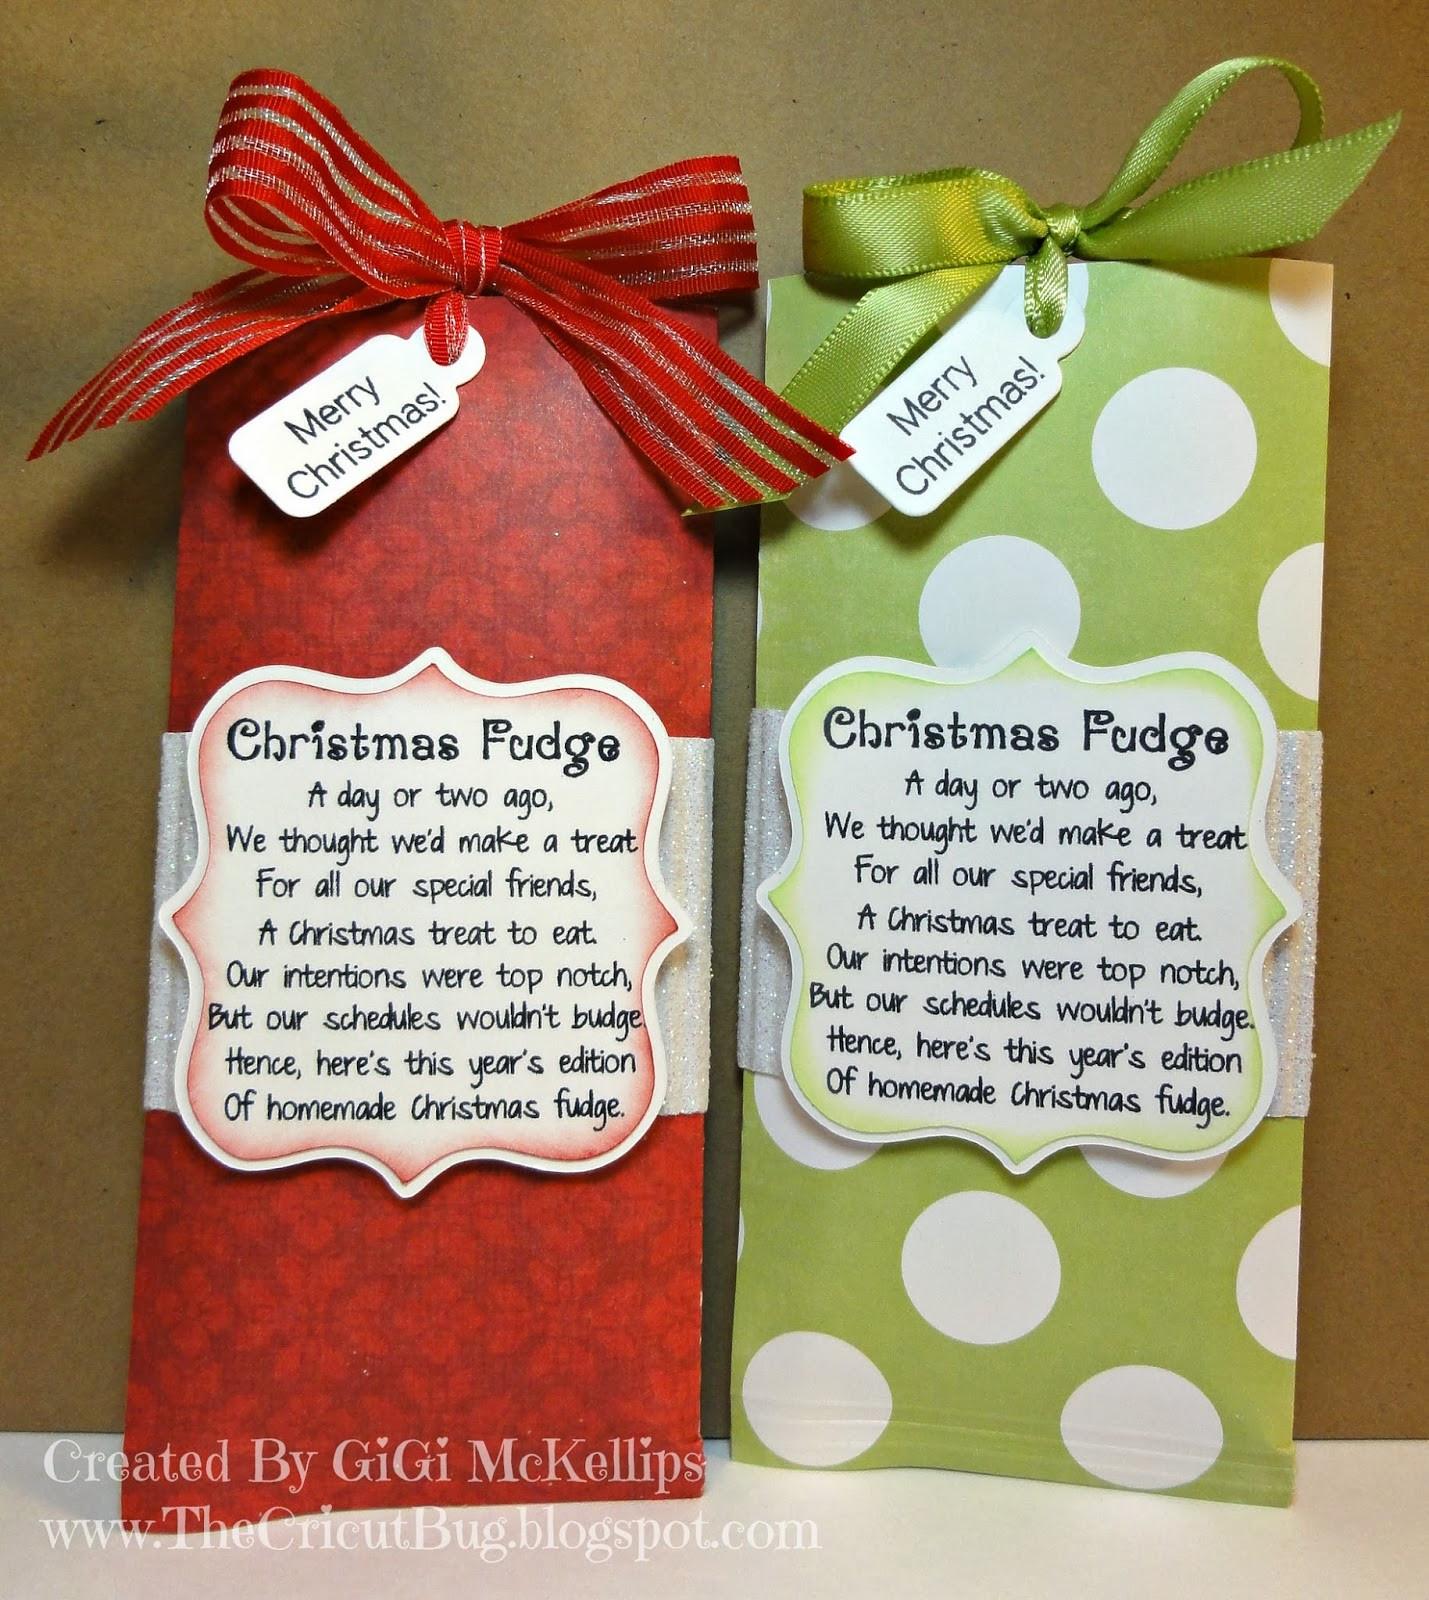 Christmas Fudge Gifts  The Cricut Bug Christmas Fudge